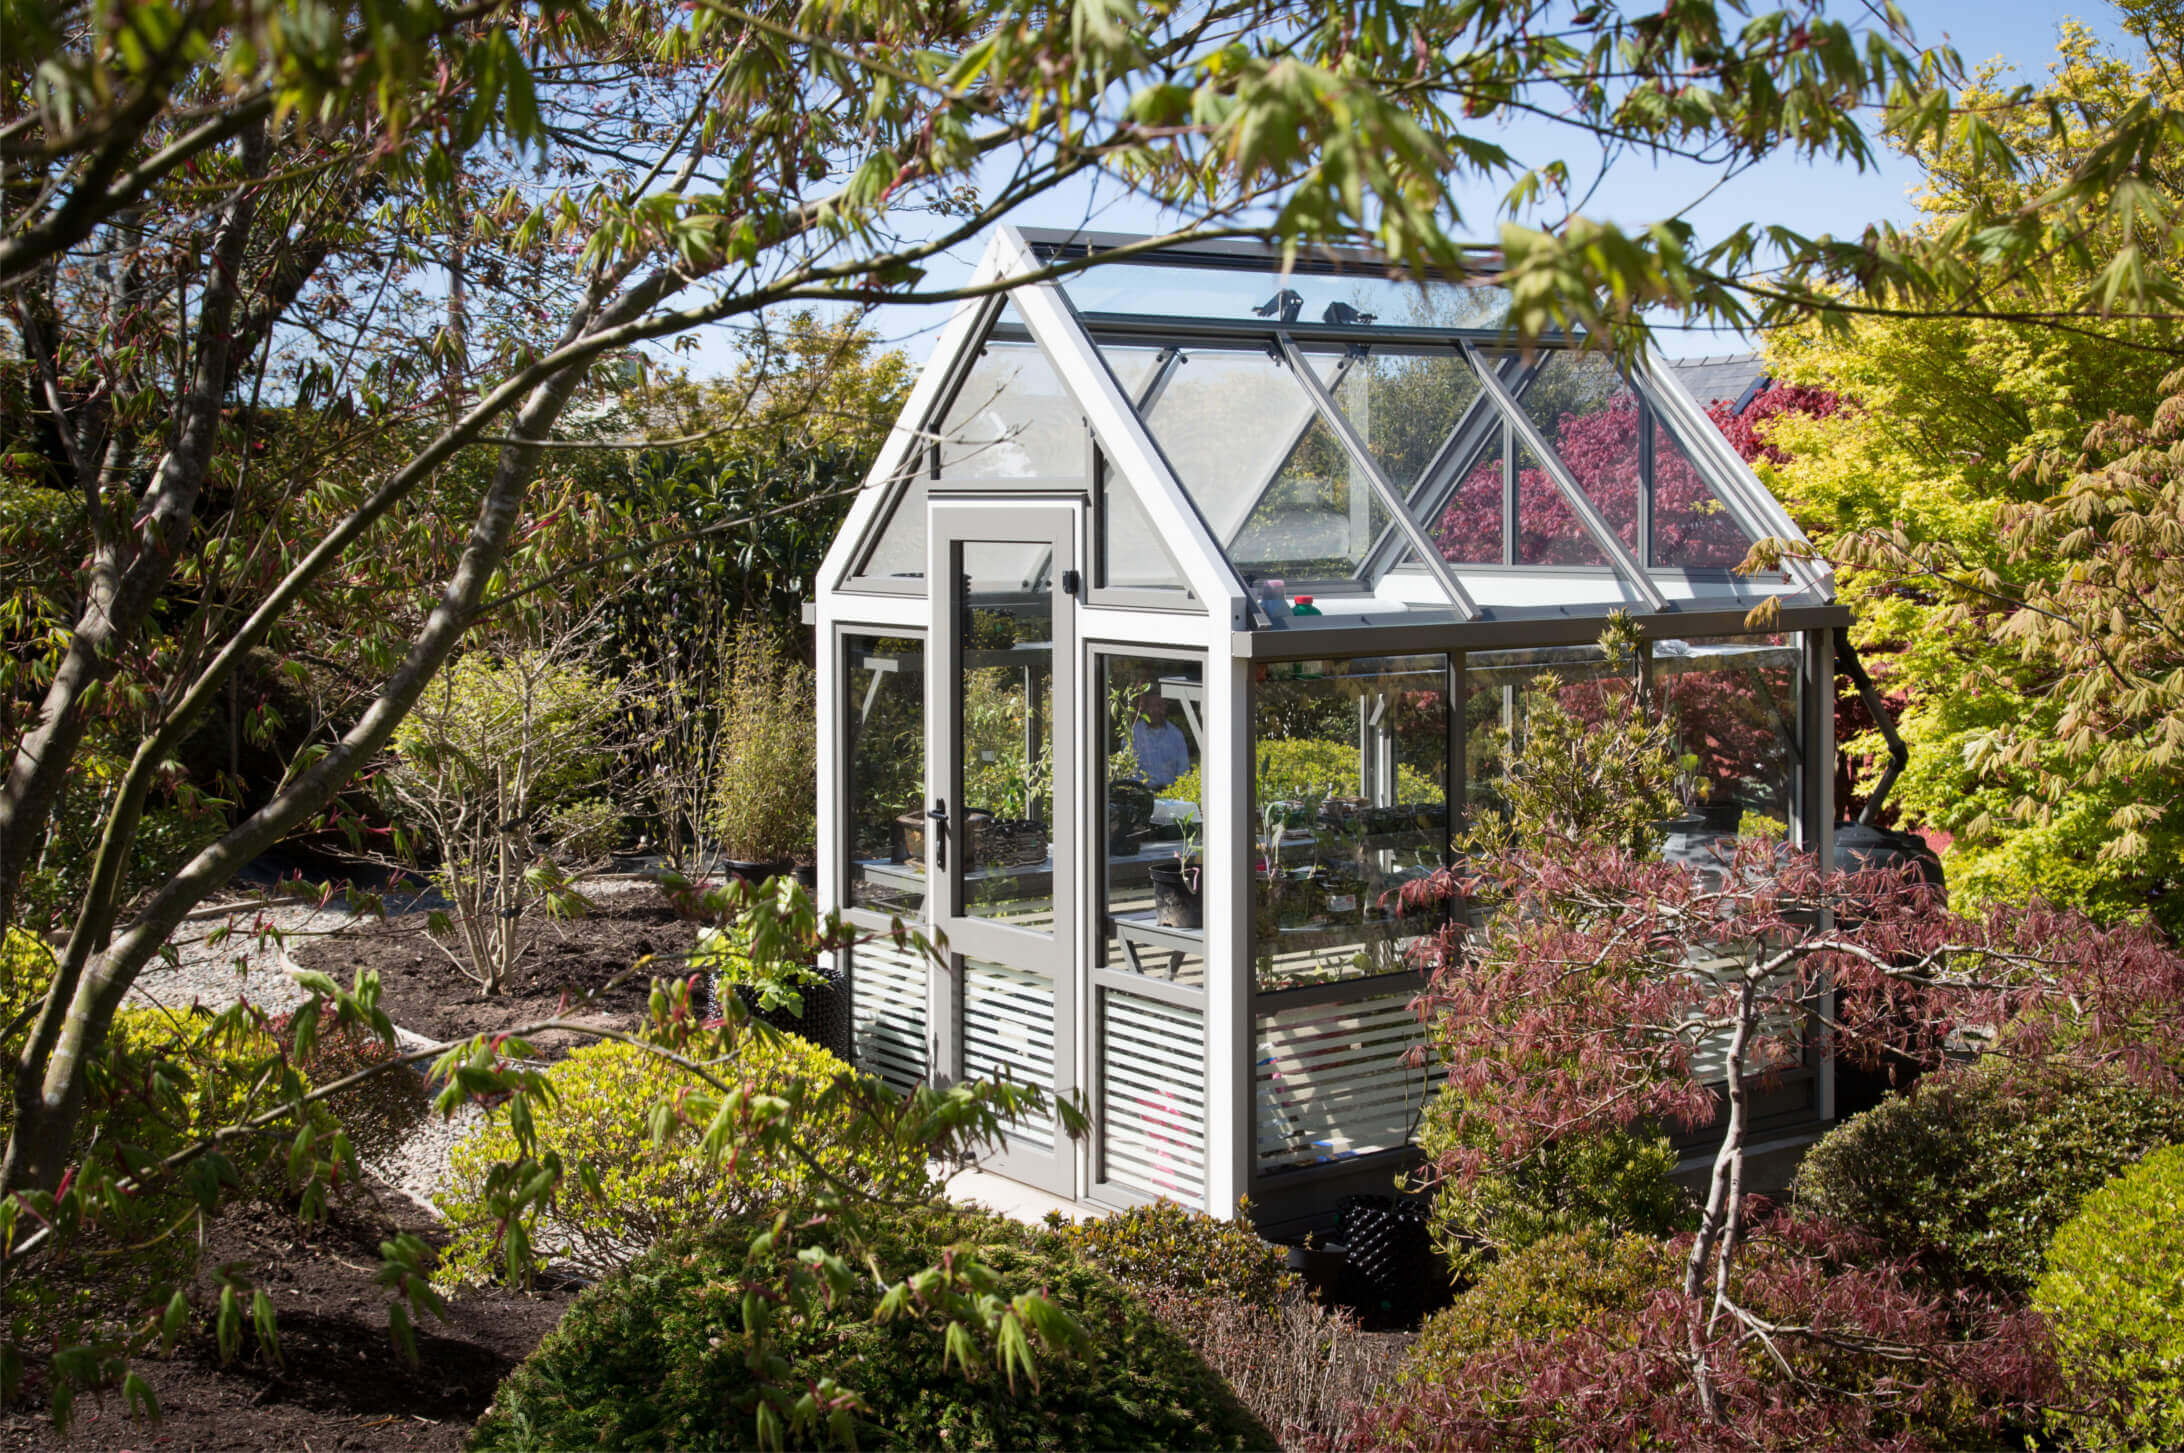 Contemporary aluminium greenhouse